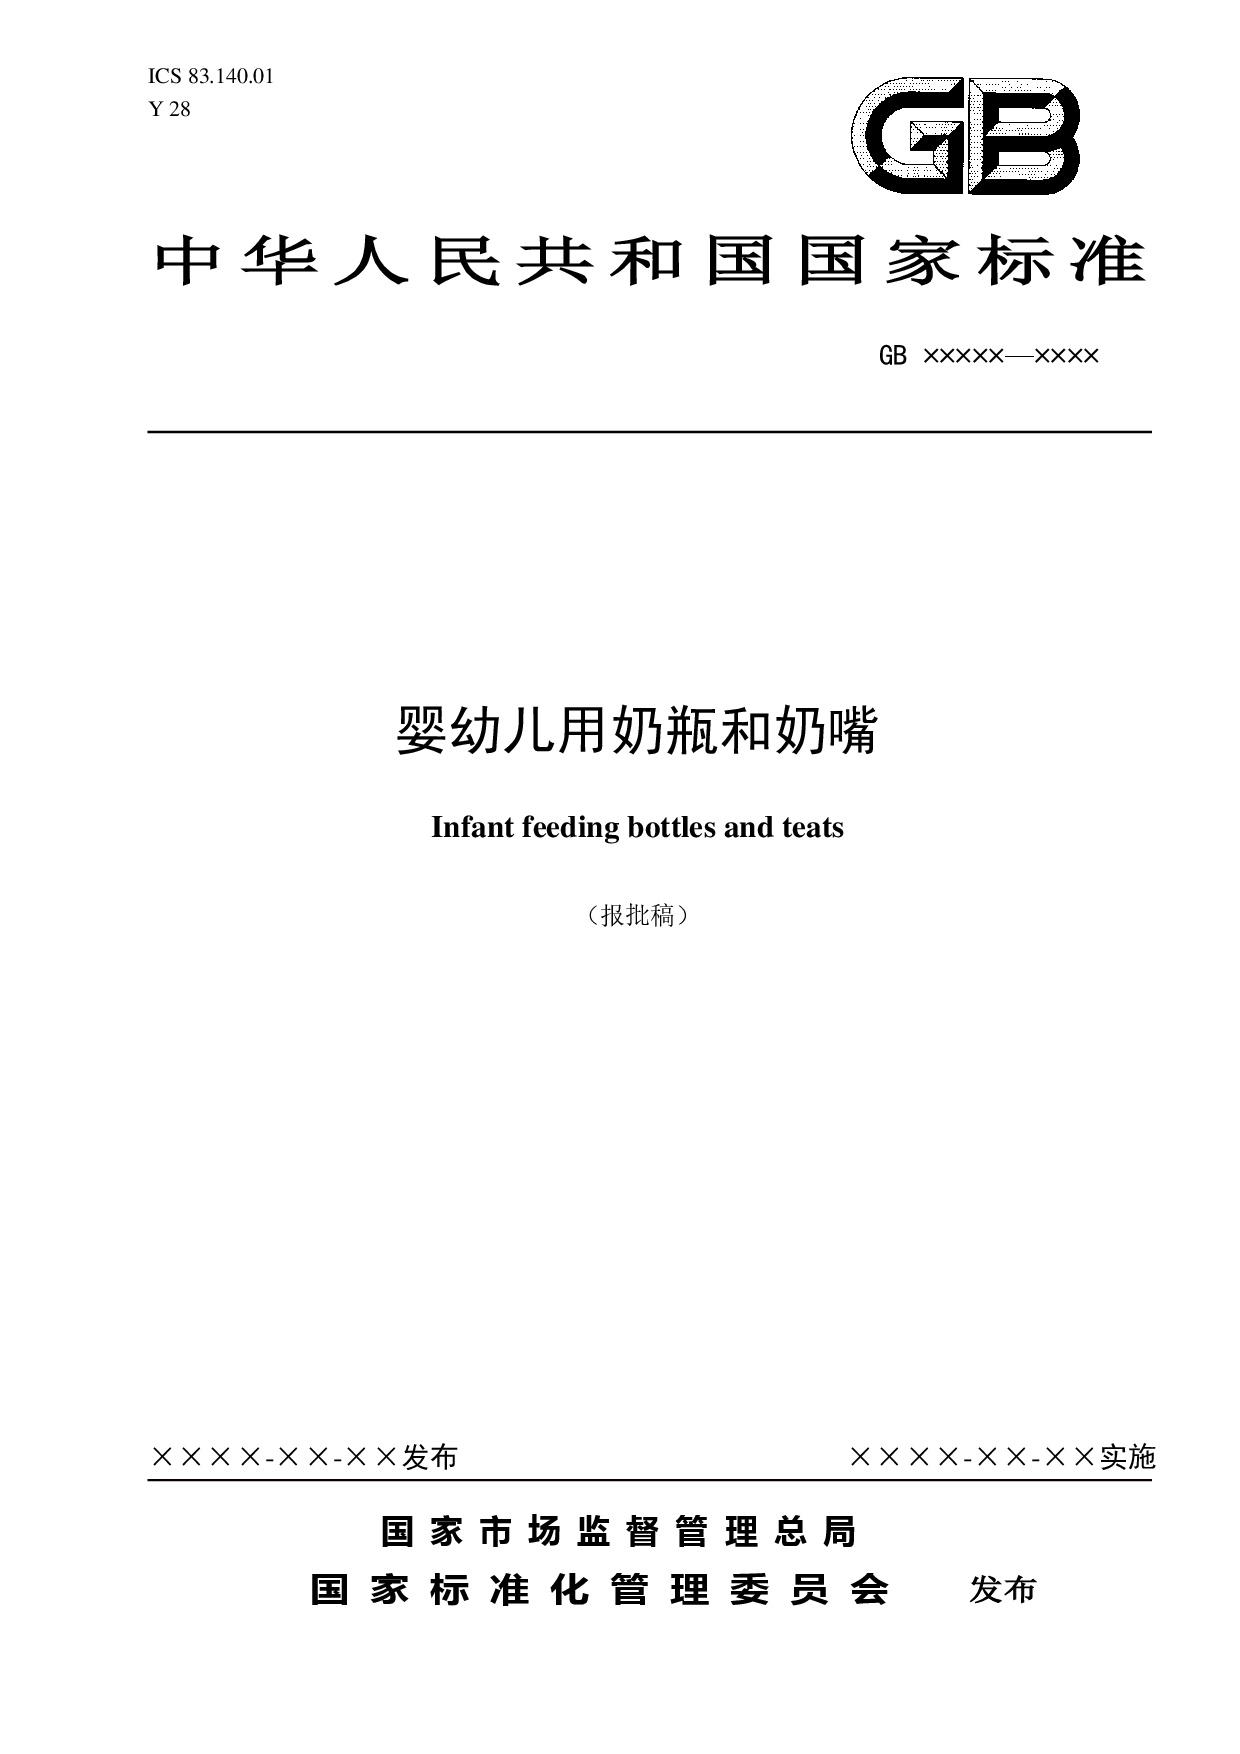 中华人民共和国国家标准《婴幼儿用奶瓶和奶嘴》